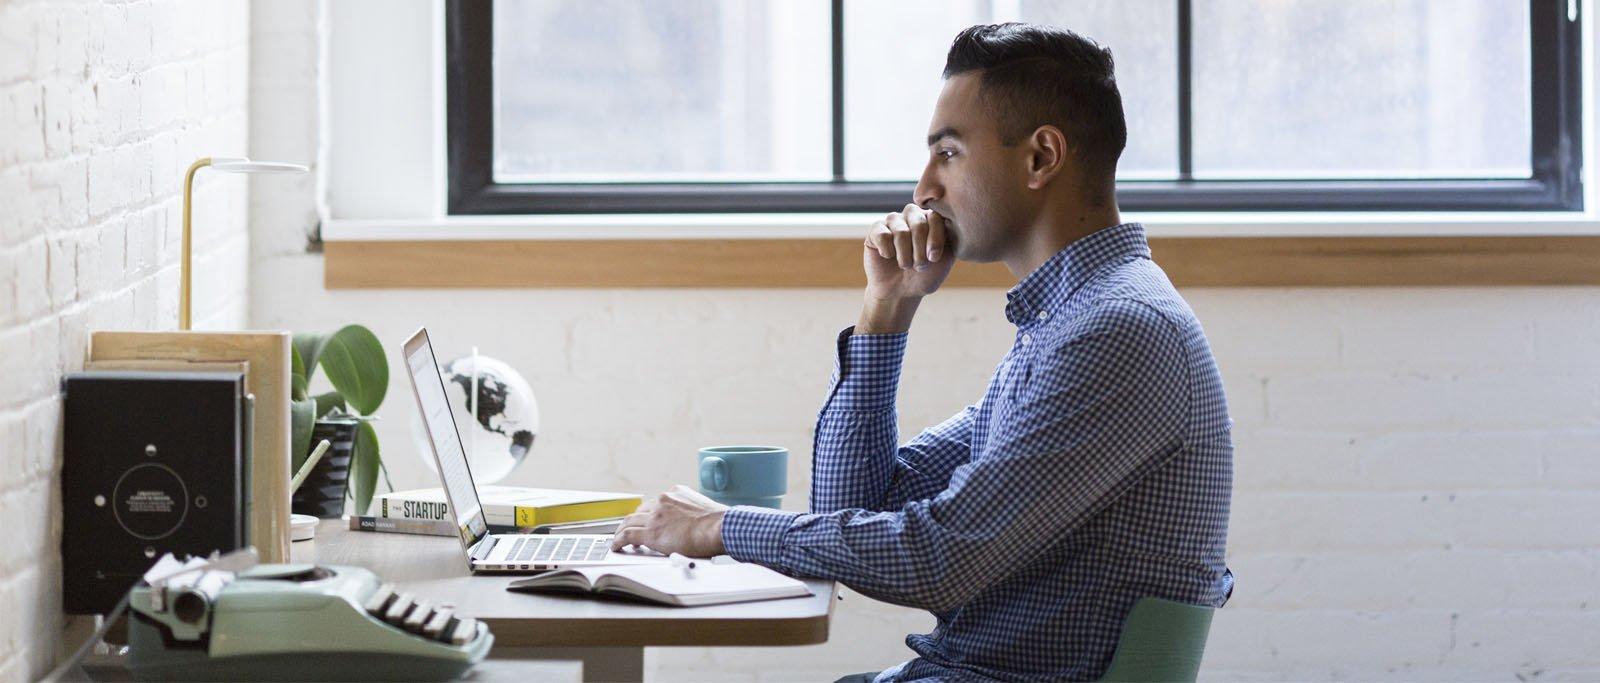 Processo de vendas: como gerenciar uma equipe comercial remota